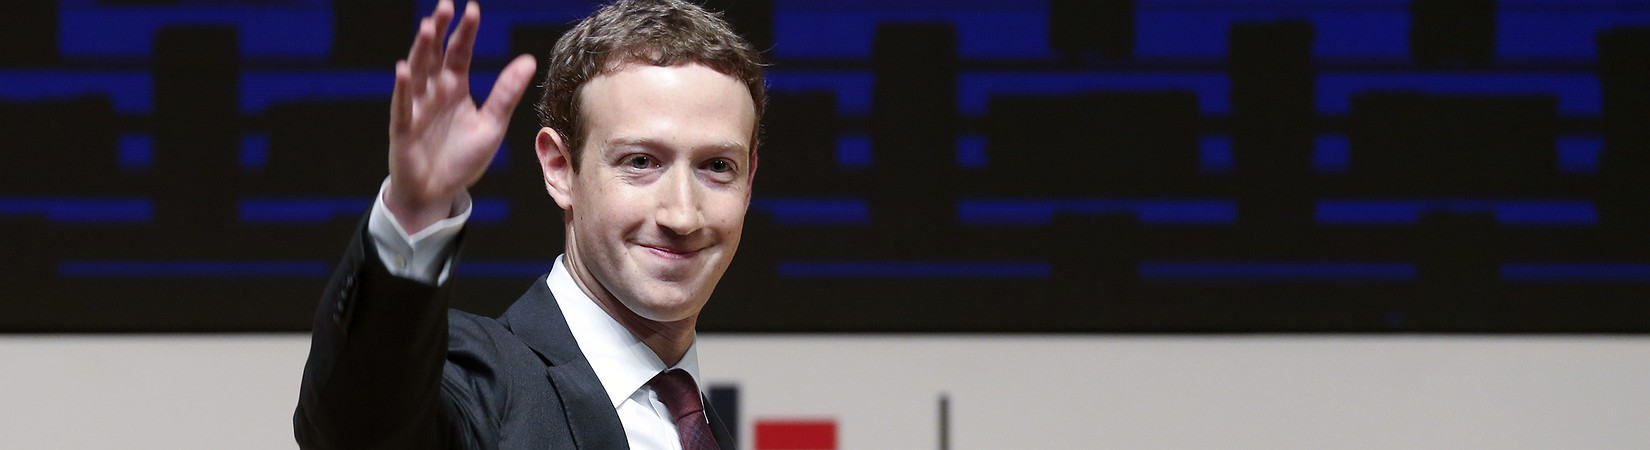 Facebook triplica su beneficio anual